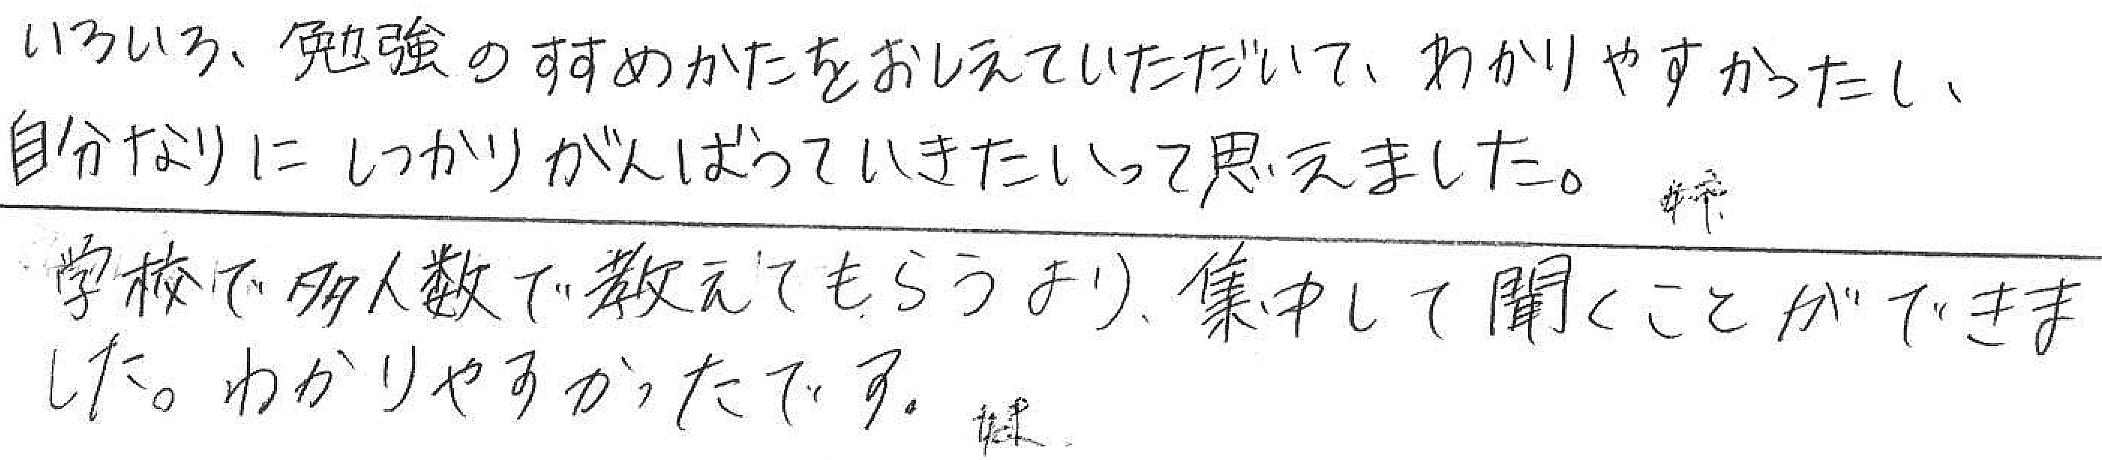 なっちゃん・もっちゃん(焼津市)からの口コミ